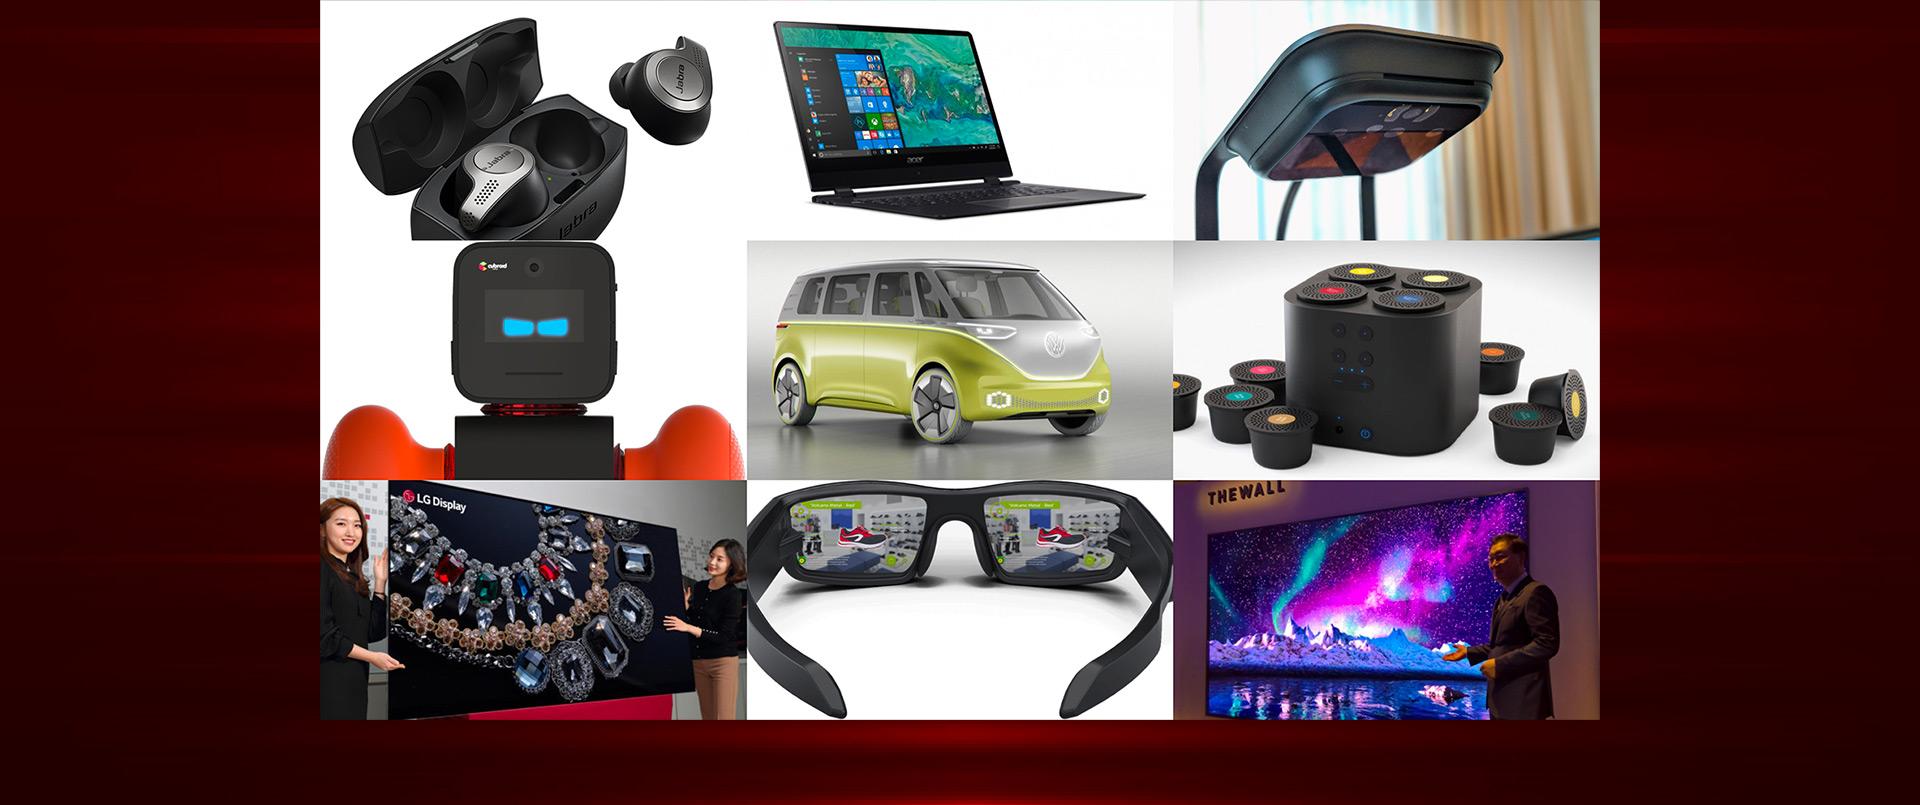 Novità CES 2018: i prodotti più innovativi presentati